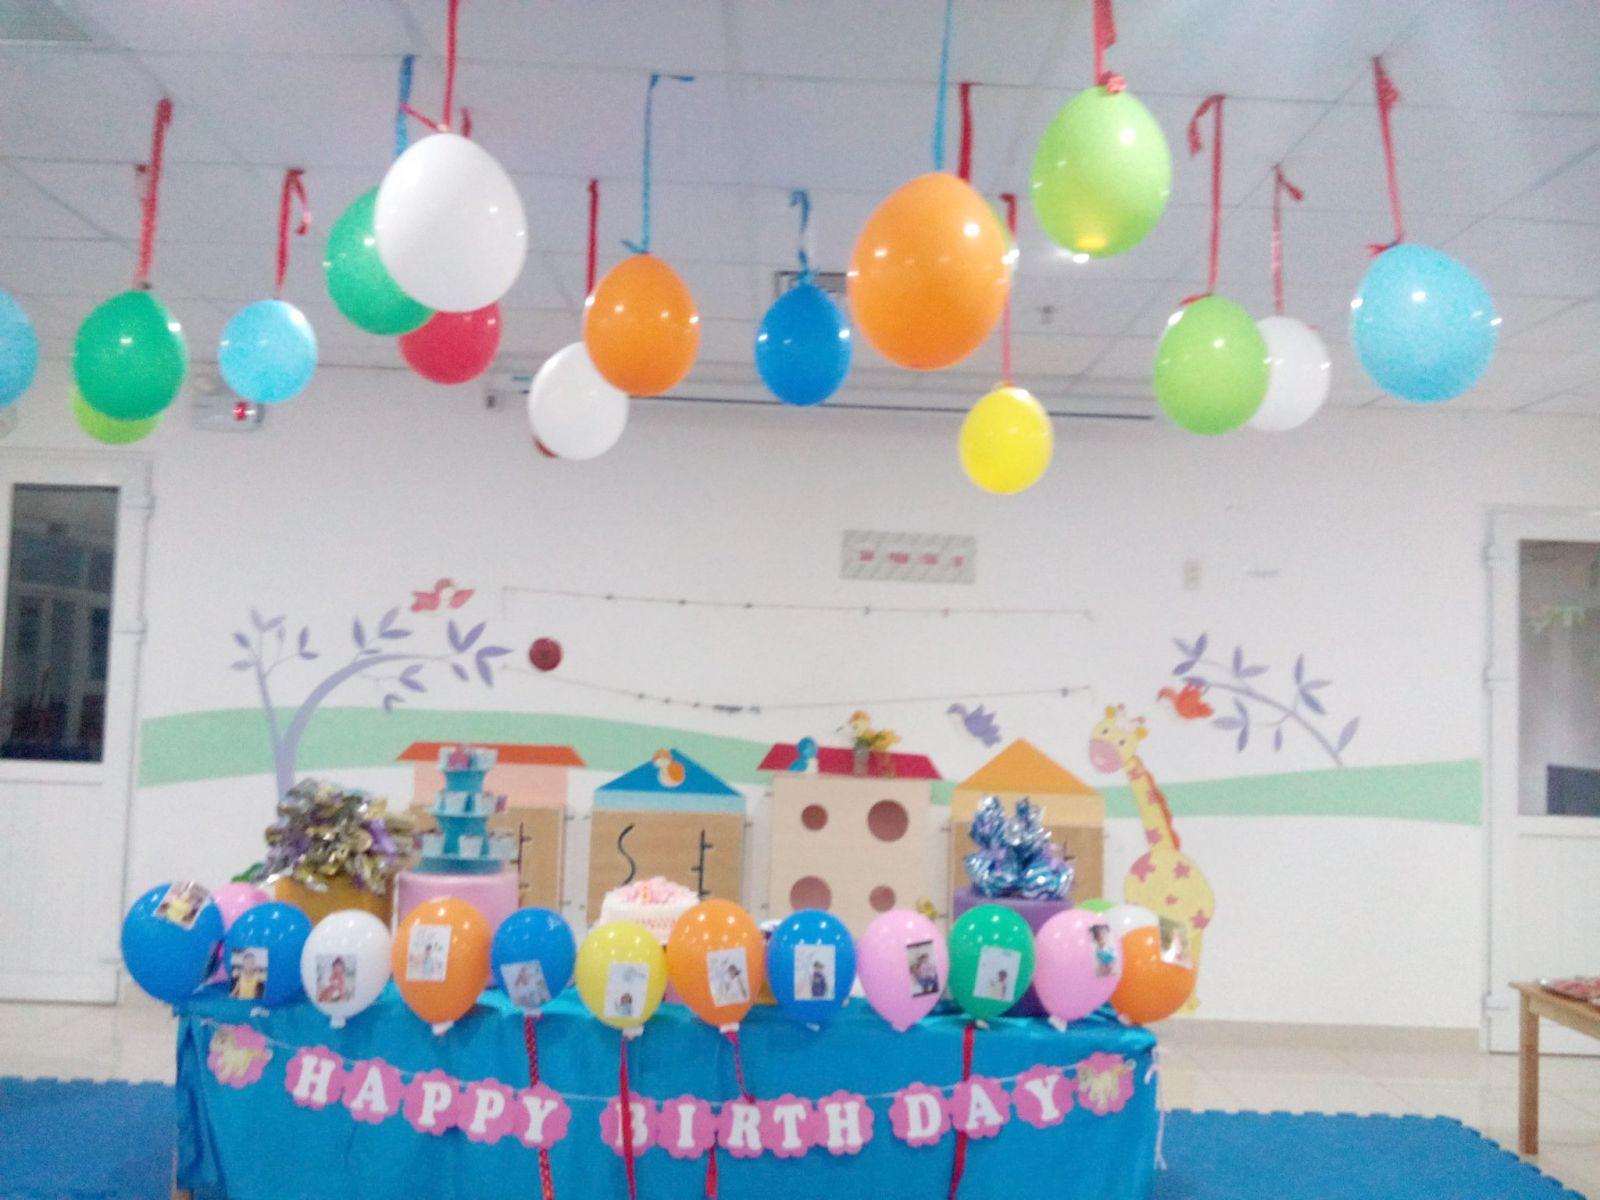 Tổ chức sinh nhật cho con tại trường sẽ mang nhiều ý nghĩa hơn